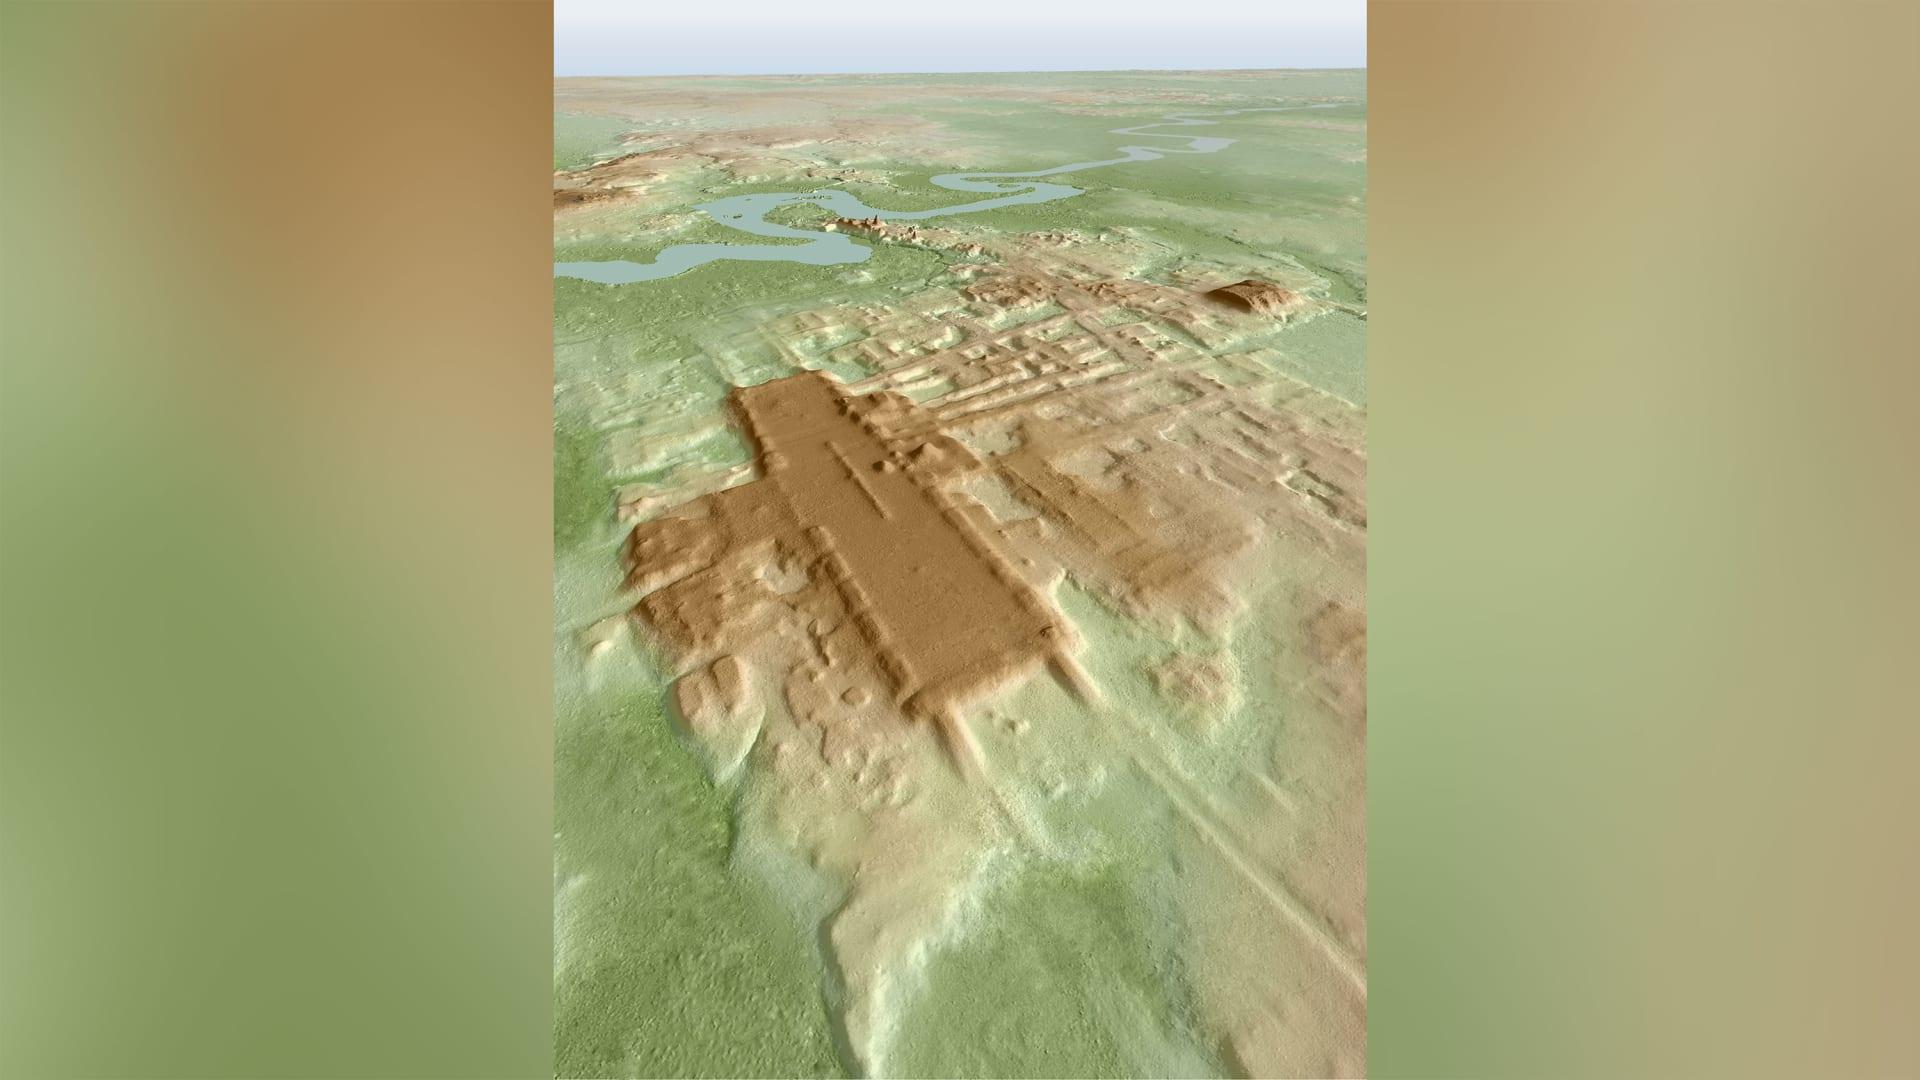 أكبر من مساحة هرم خوفو.. تكنولوجيا جديدة تكشف عن أقدم معبد لحضارة المايا